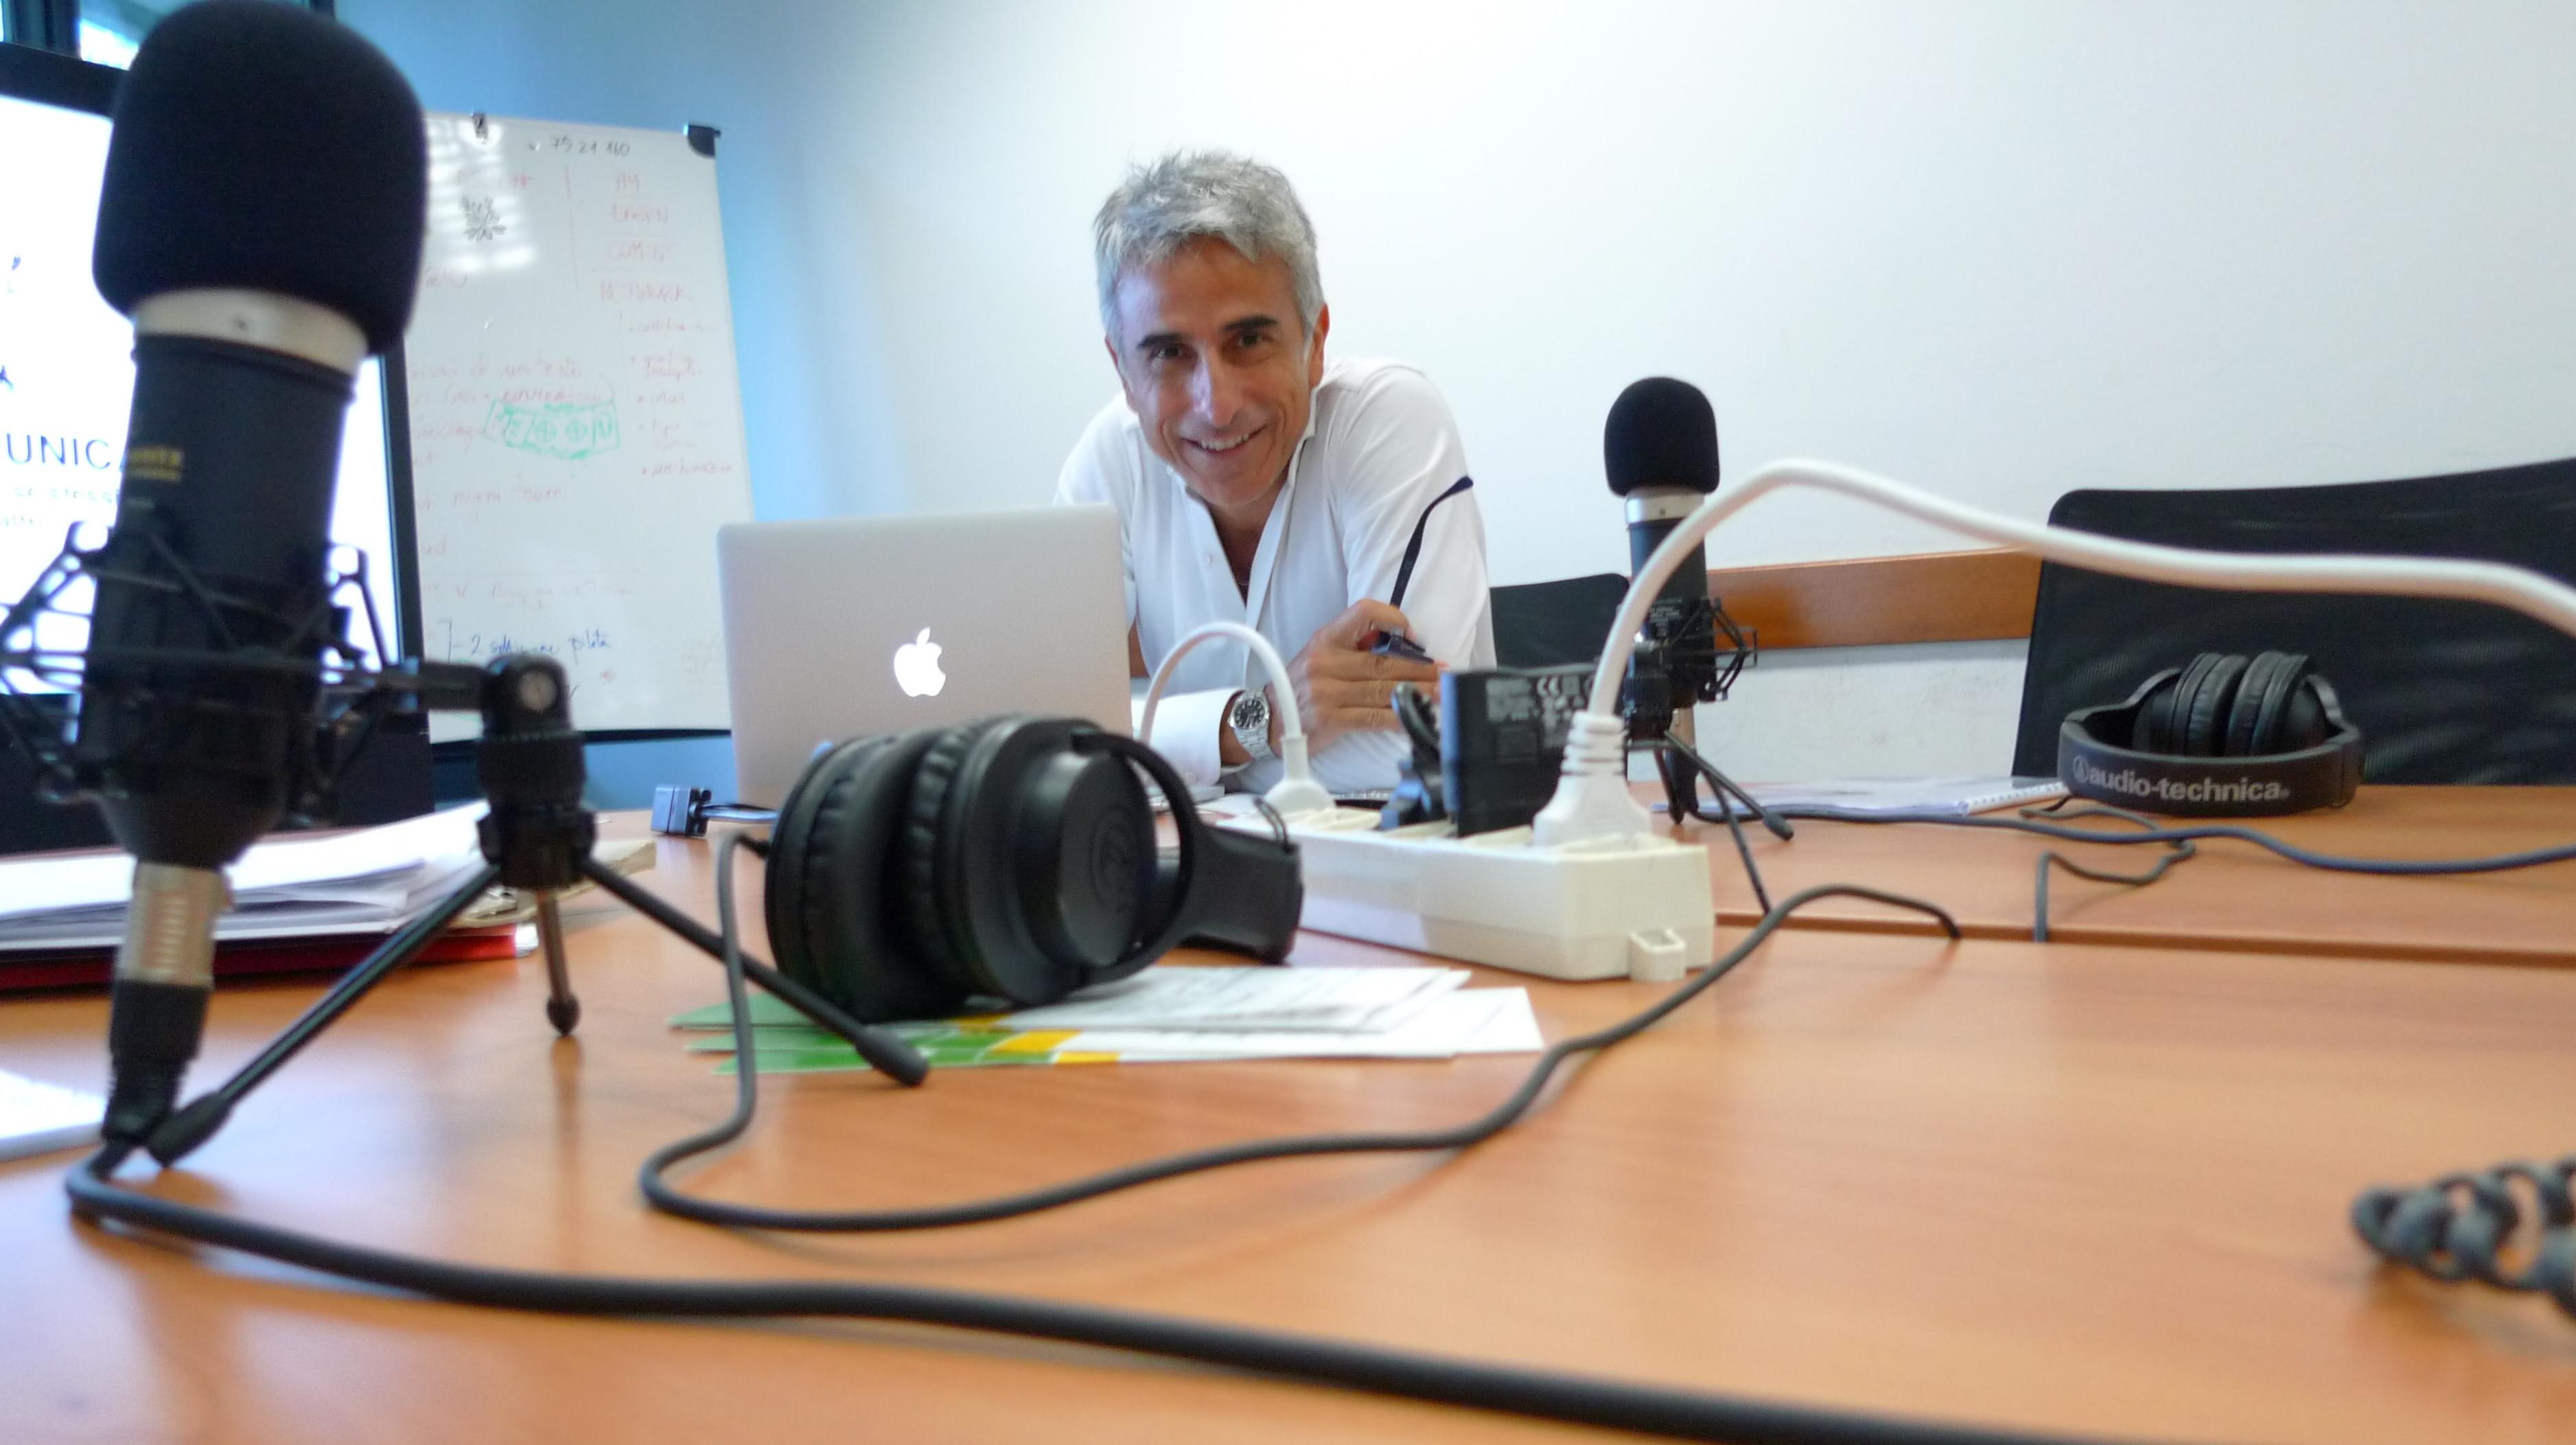 Recitare a microfono: talento ma anche tecnica